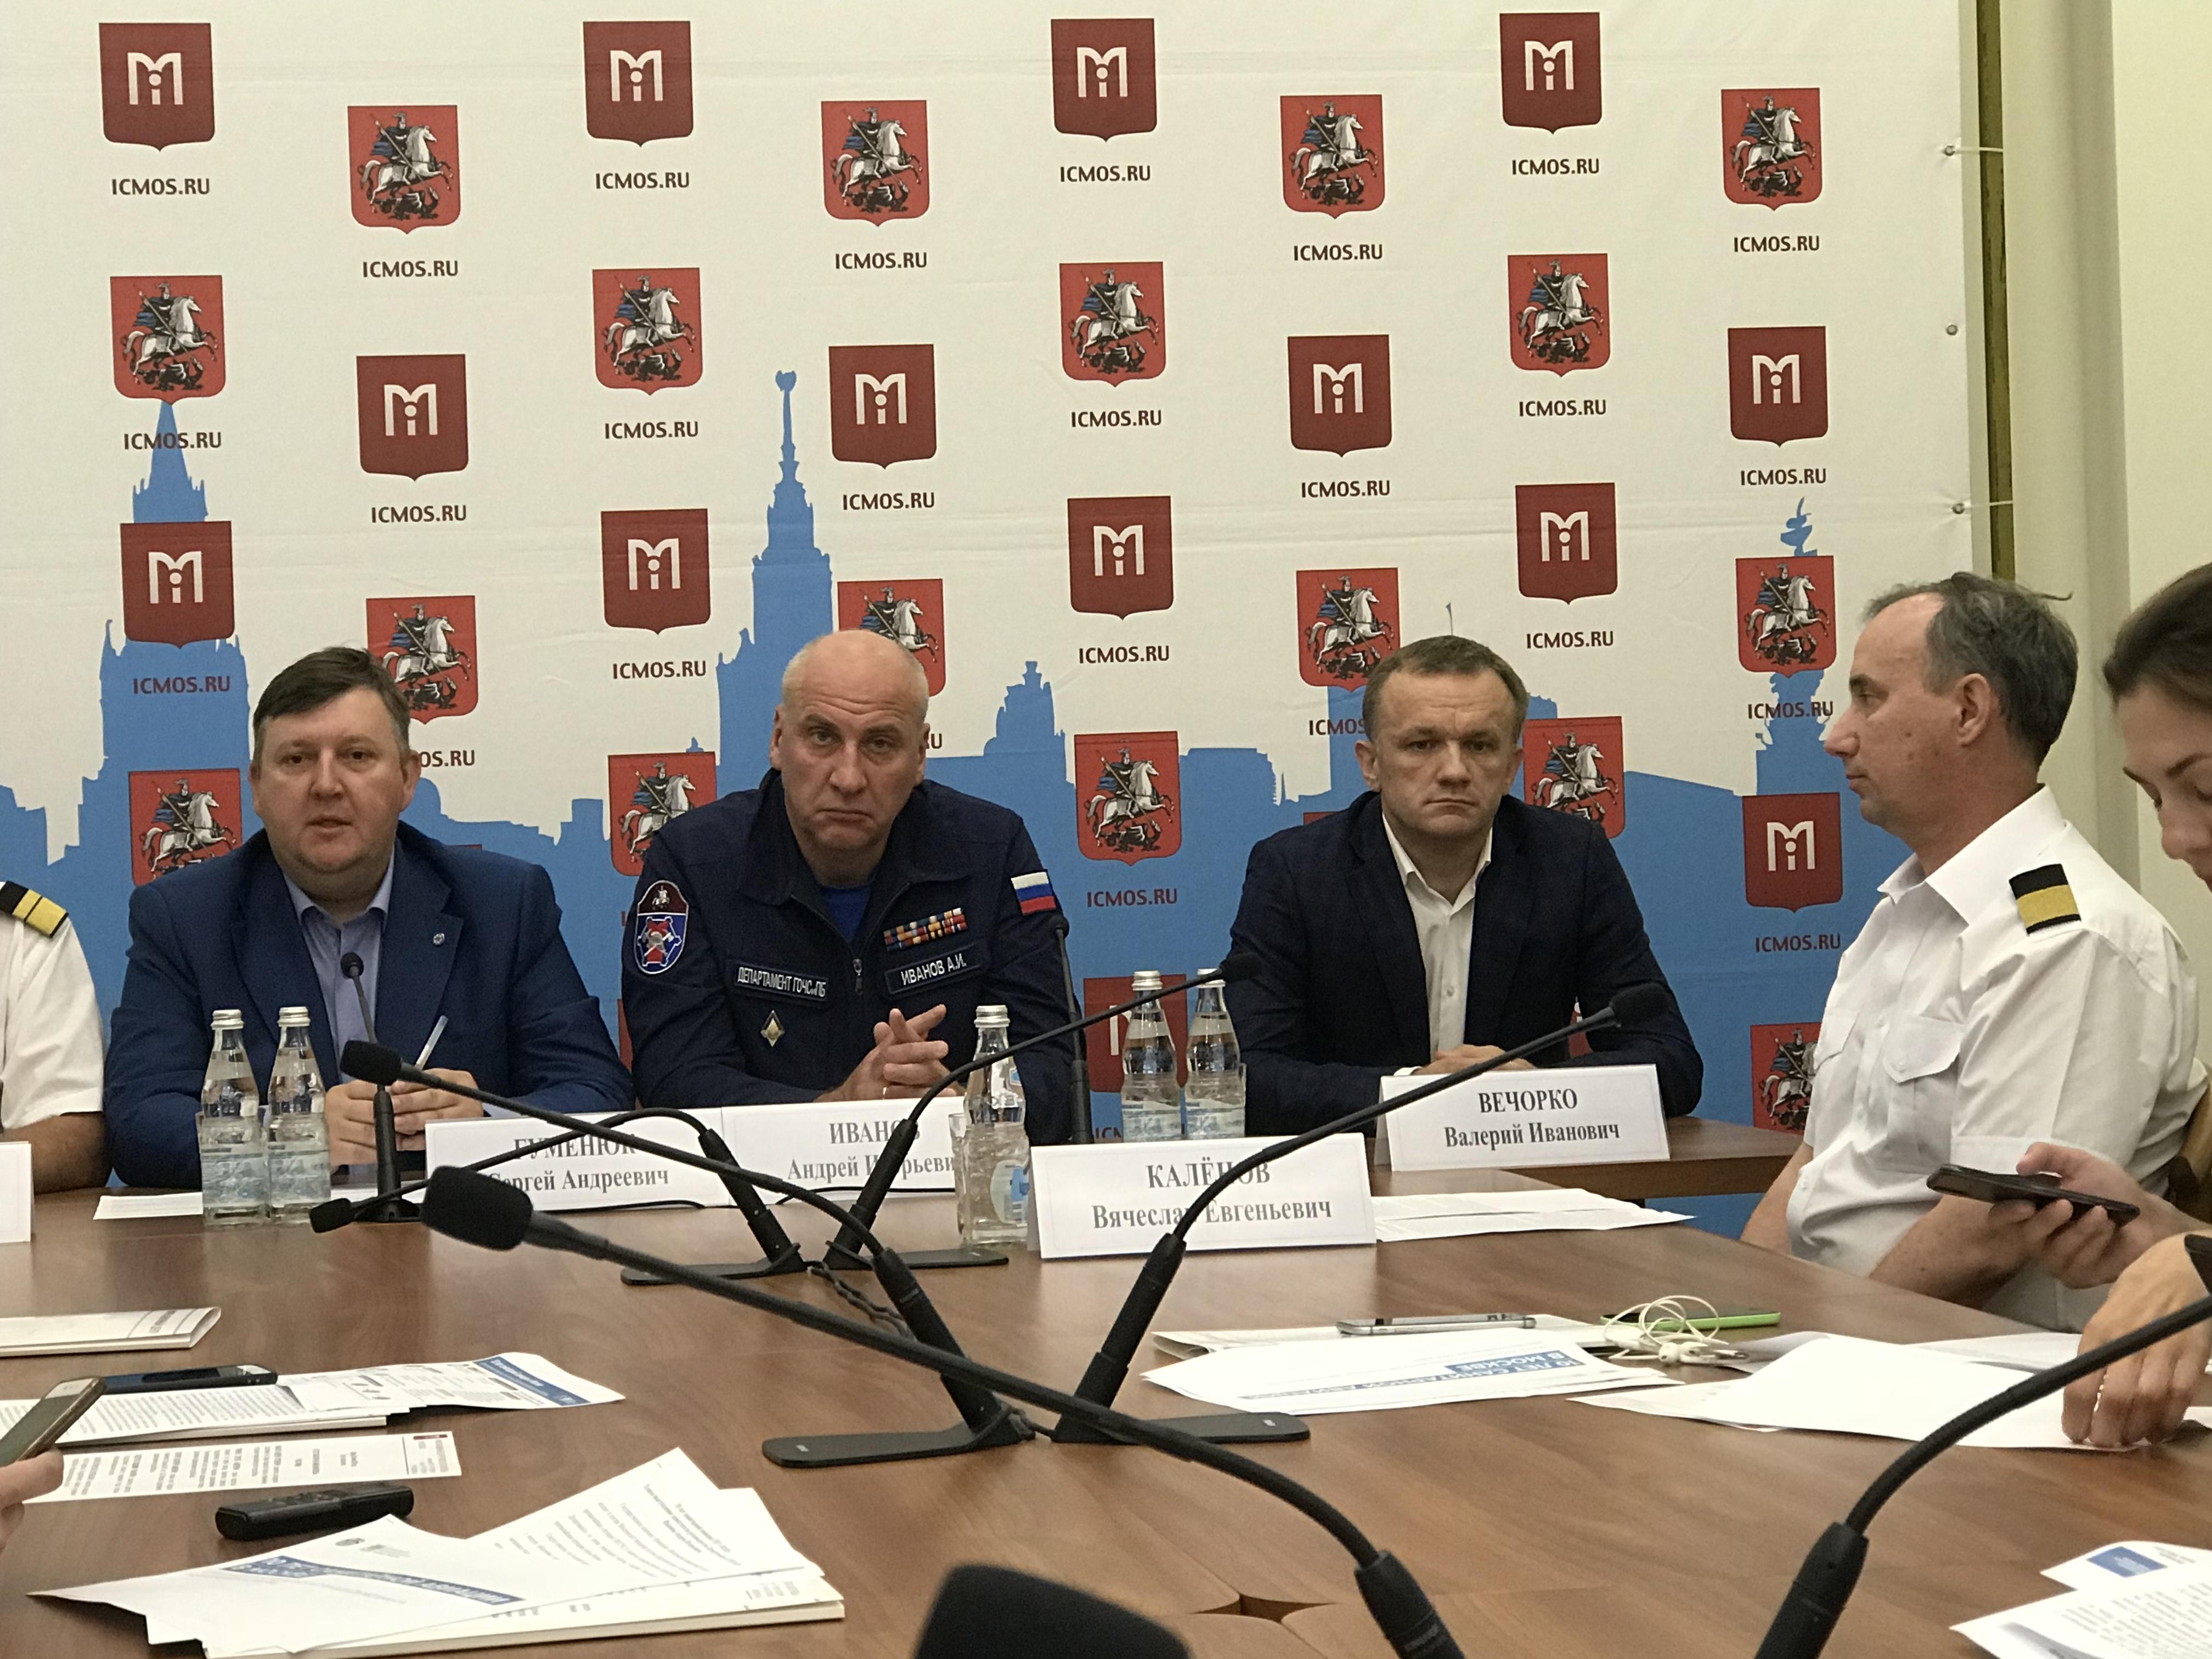 Пресс-конференция об экстренной медицинской помощи состоялась в столице